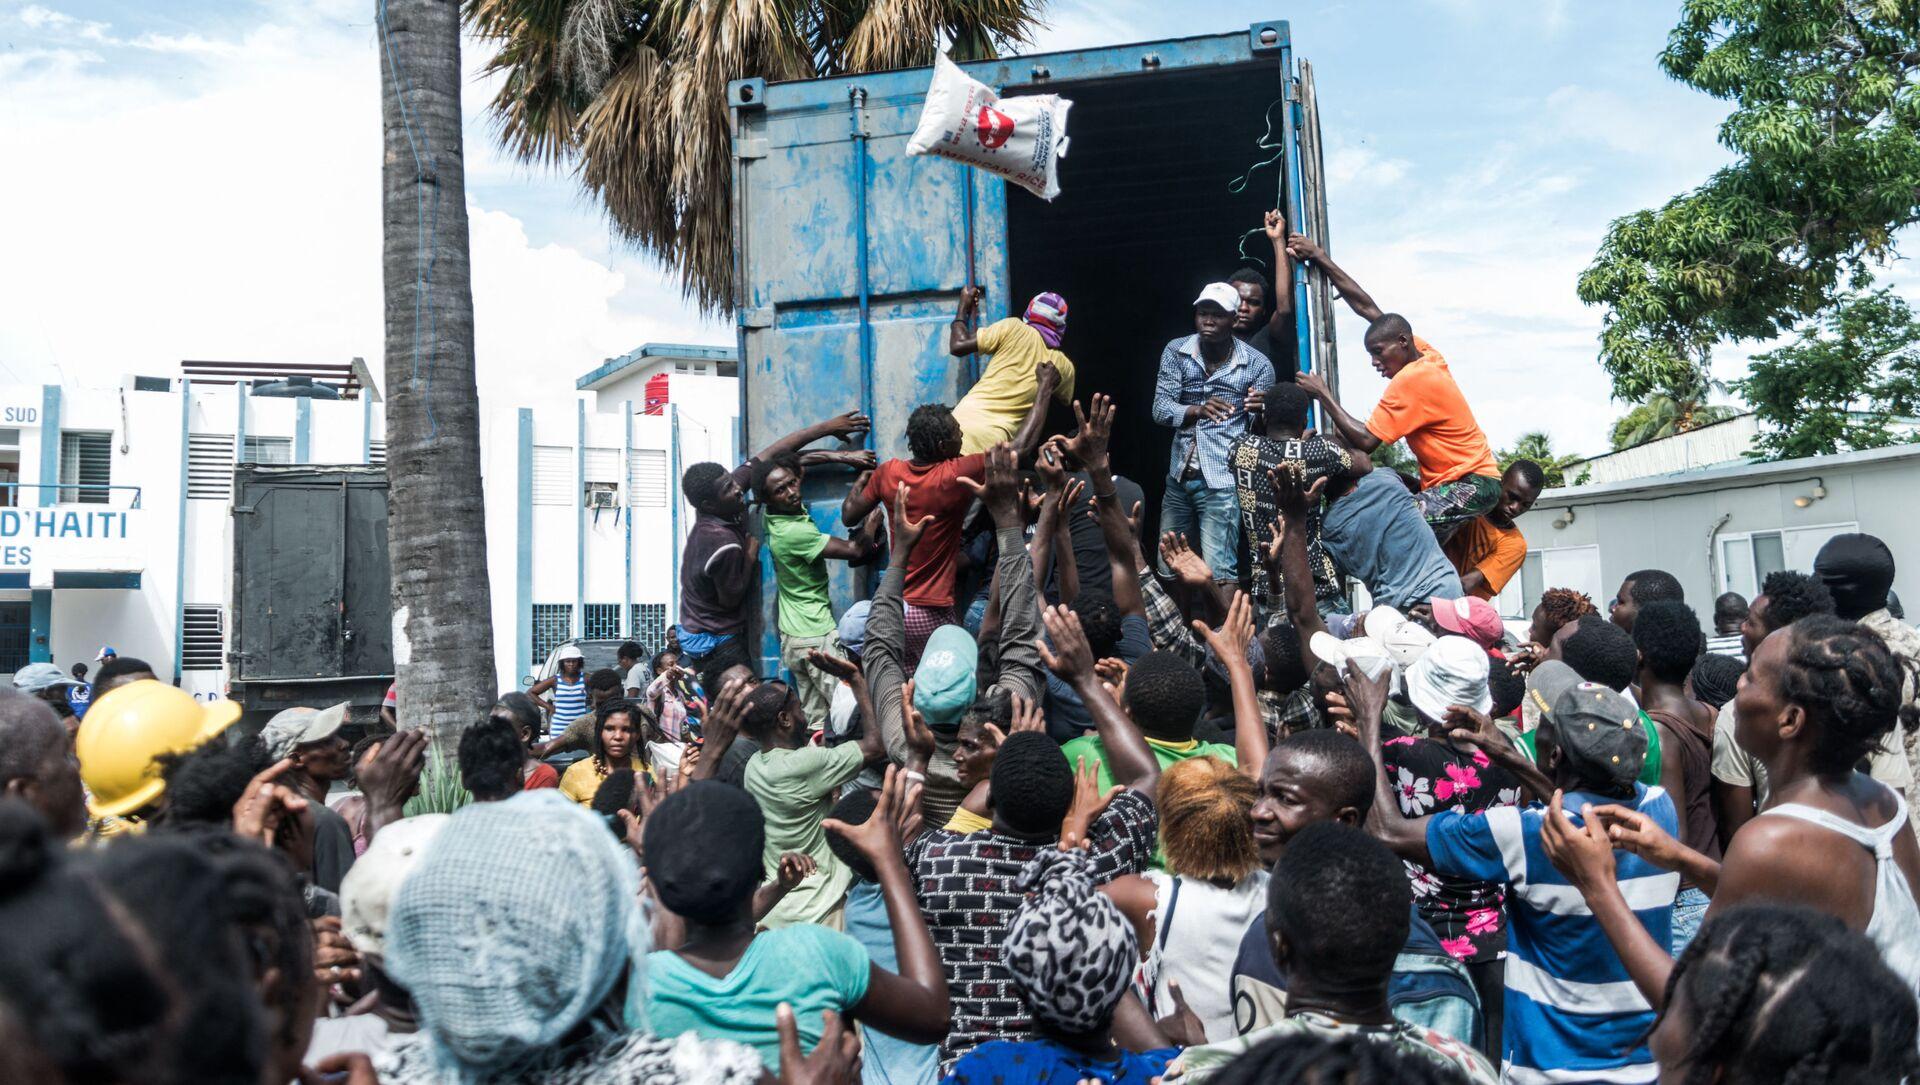 Người đàn ông ném bao gạo vào đám đông khi đang phân phát thức ăn và nước uống cho các nạn nhân động đất ở Le Quay, Haiti - Sputnik Việt Nam, 1920, 20.09.2021